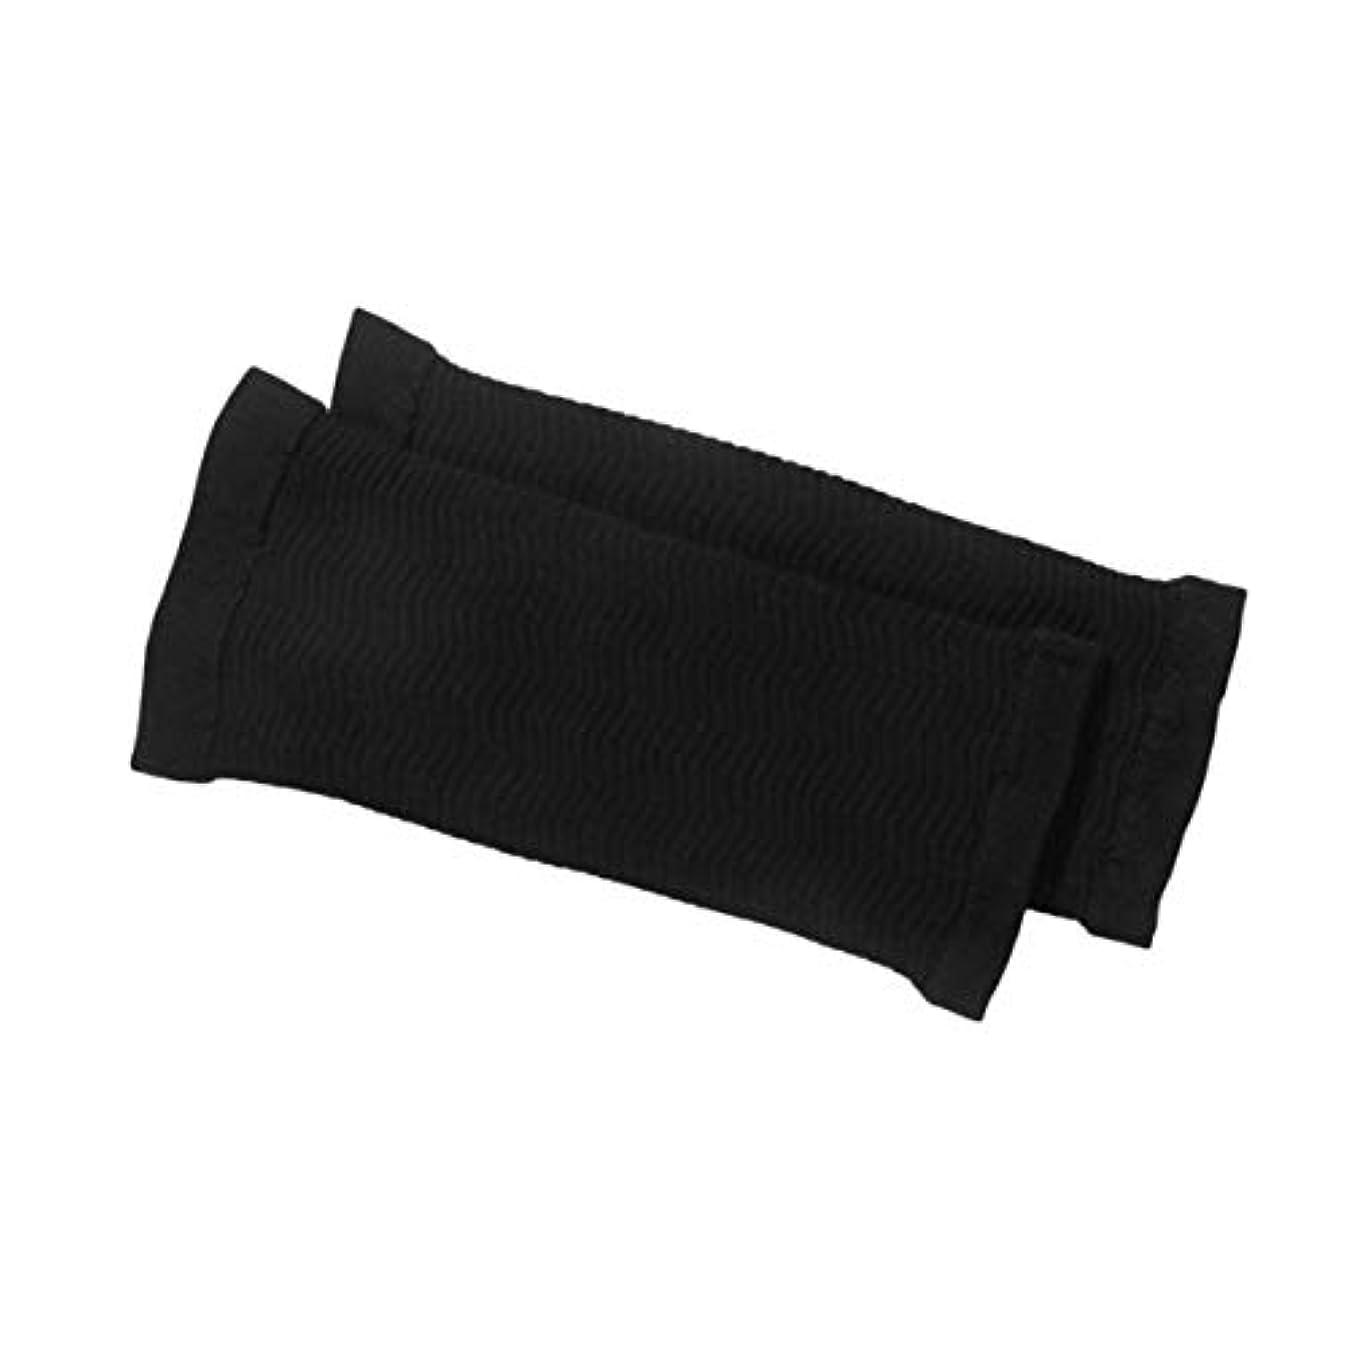 剃る裂け目低い1ペア420 D圧縮痩身アームスリーブワークアウトトーニングバーンセルライトシェイパー脂肪燃焼袖用女性 - 黒